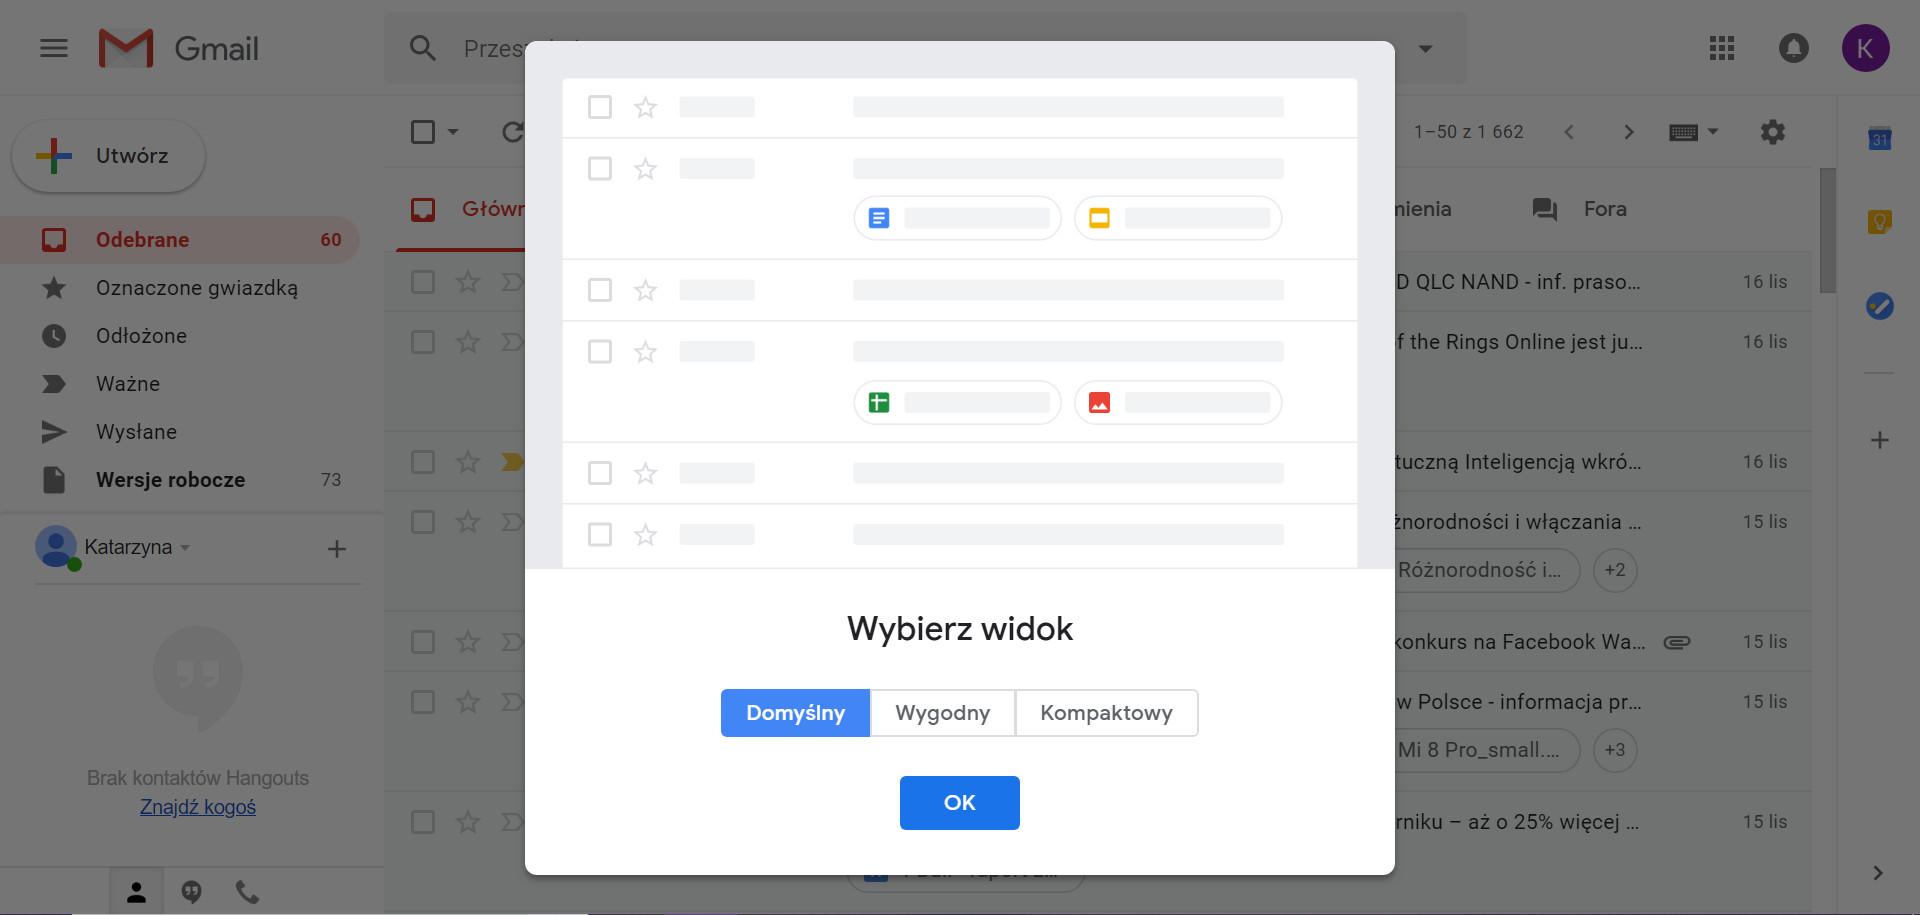 Gmail widok